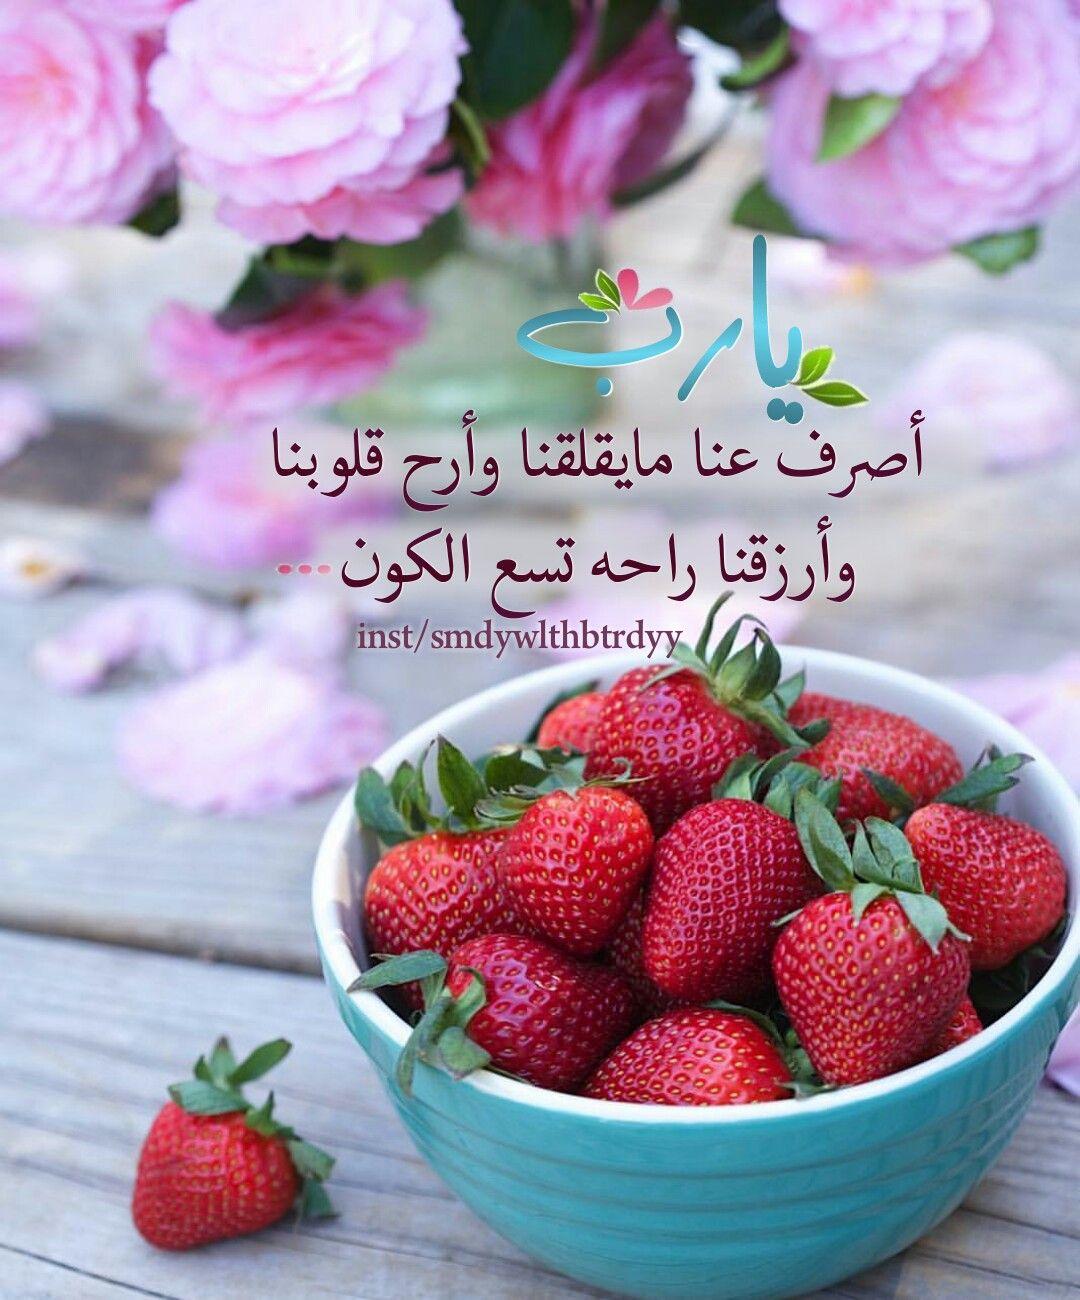 ل ه م ال ب ش ر ى ف ي ال ح ي اة الد ن ي ا و ف ي ال آخ ر ة ربي بشرة خير فيما أريد Beautiful Arabic Words Islamic Quotes Quran Flower Aesthetic